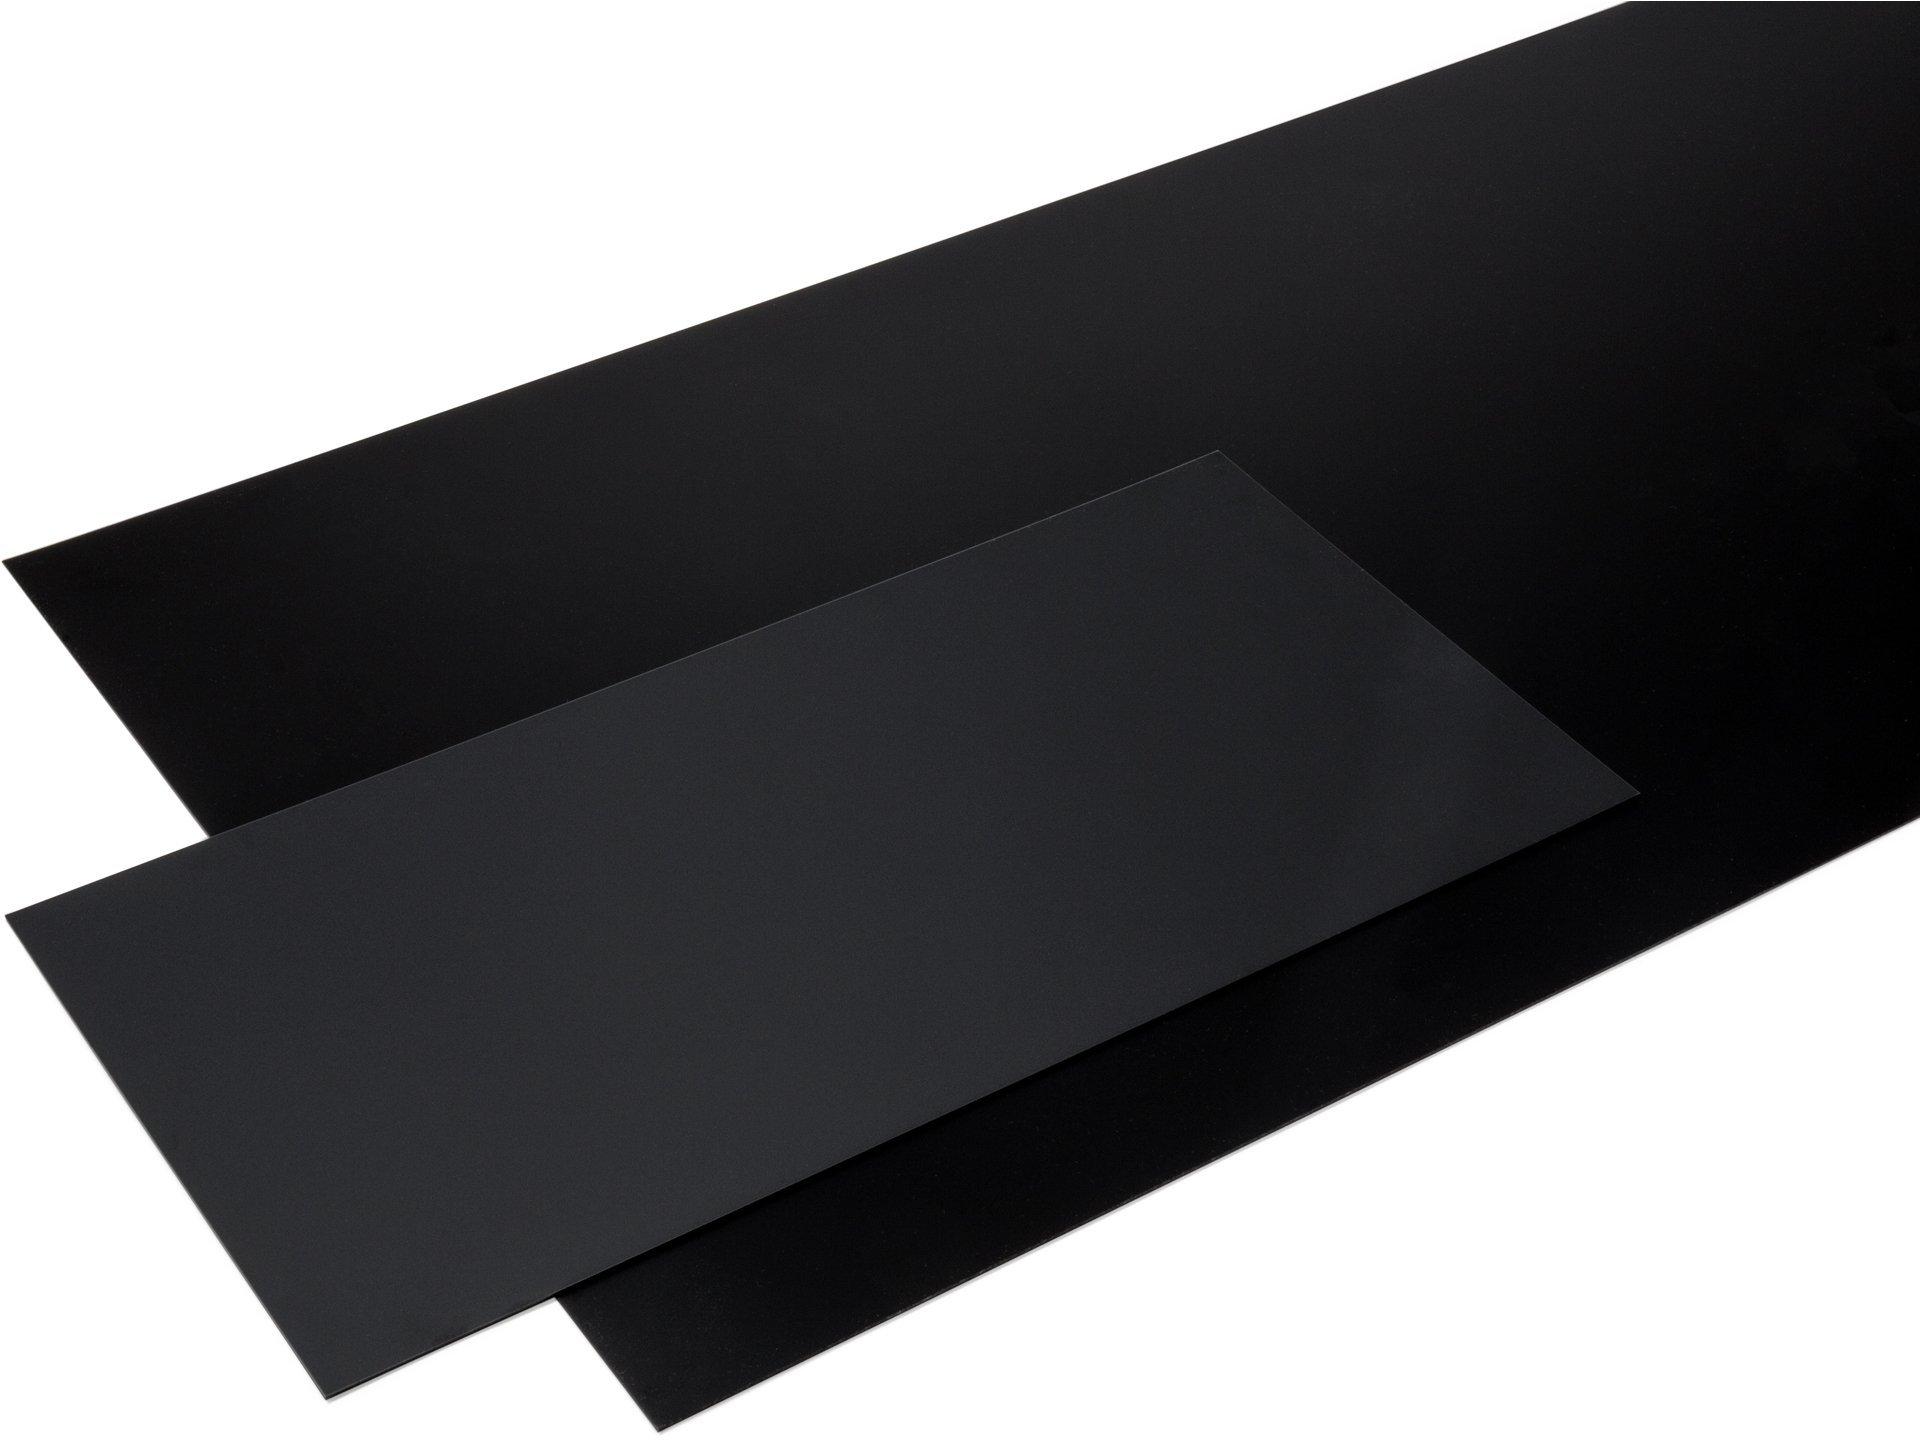 polystyrol schwarz matt jetzt online kaufen modulor. Black Bedroom Furniture Sets. Home Design Ideas